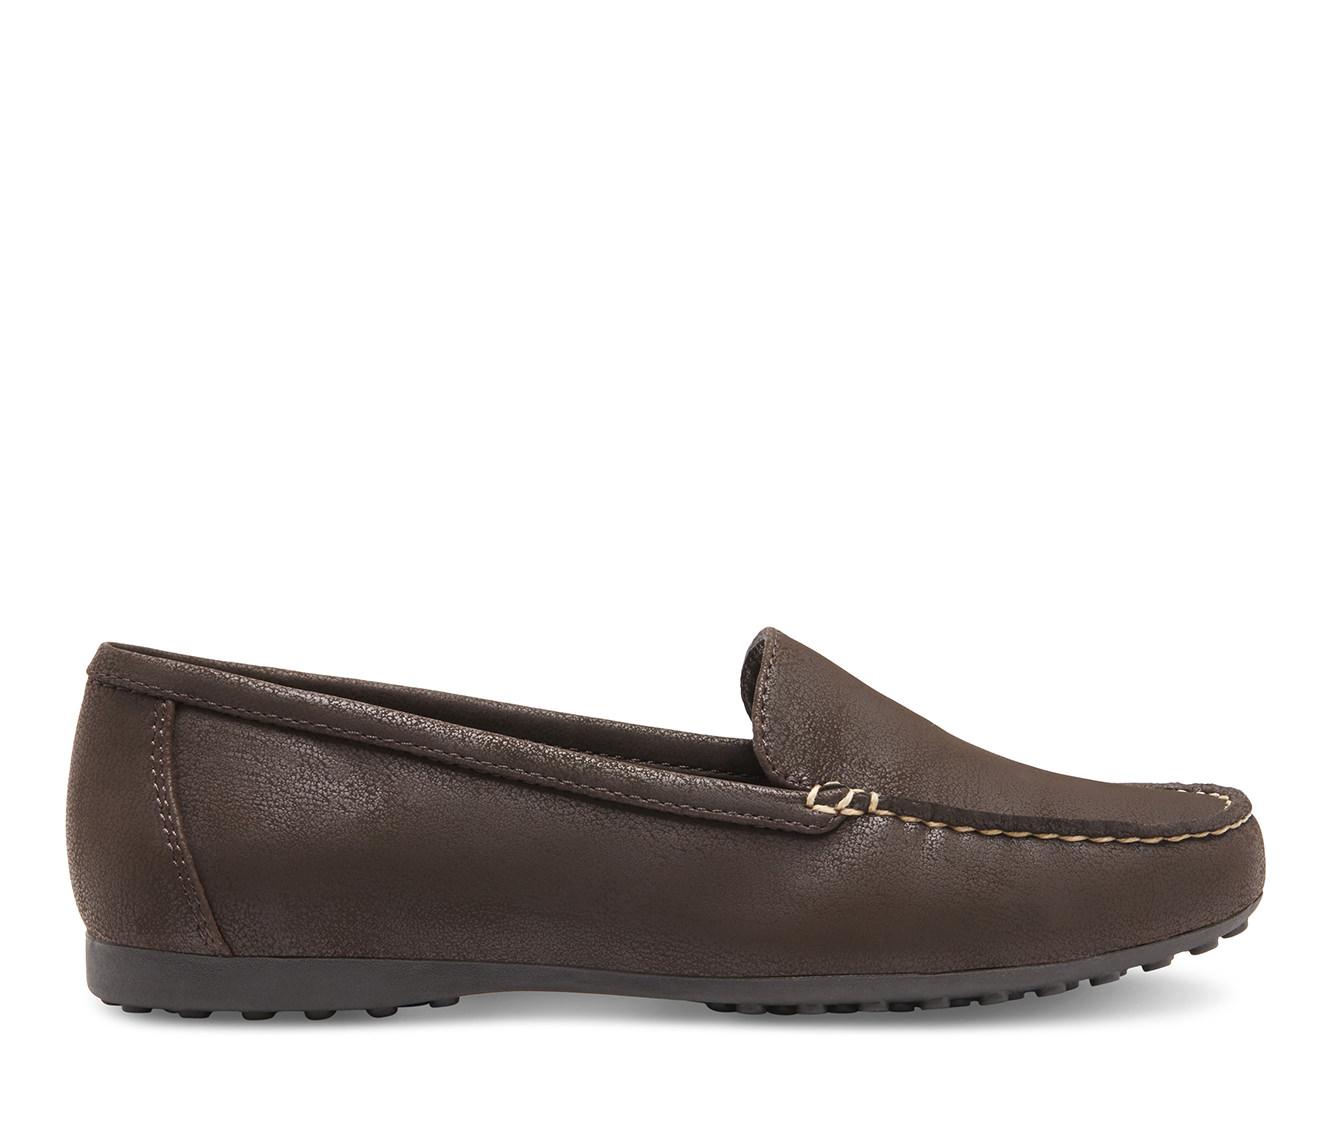 Eastland Courtney Women's Shoe (Brown Faux Leather)